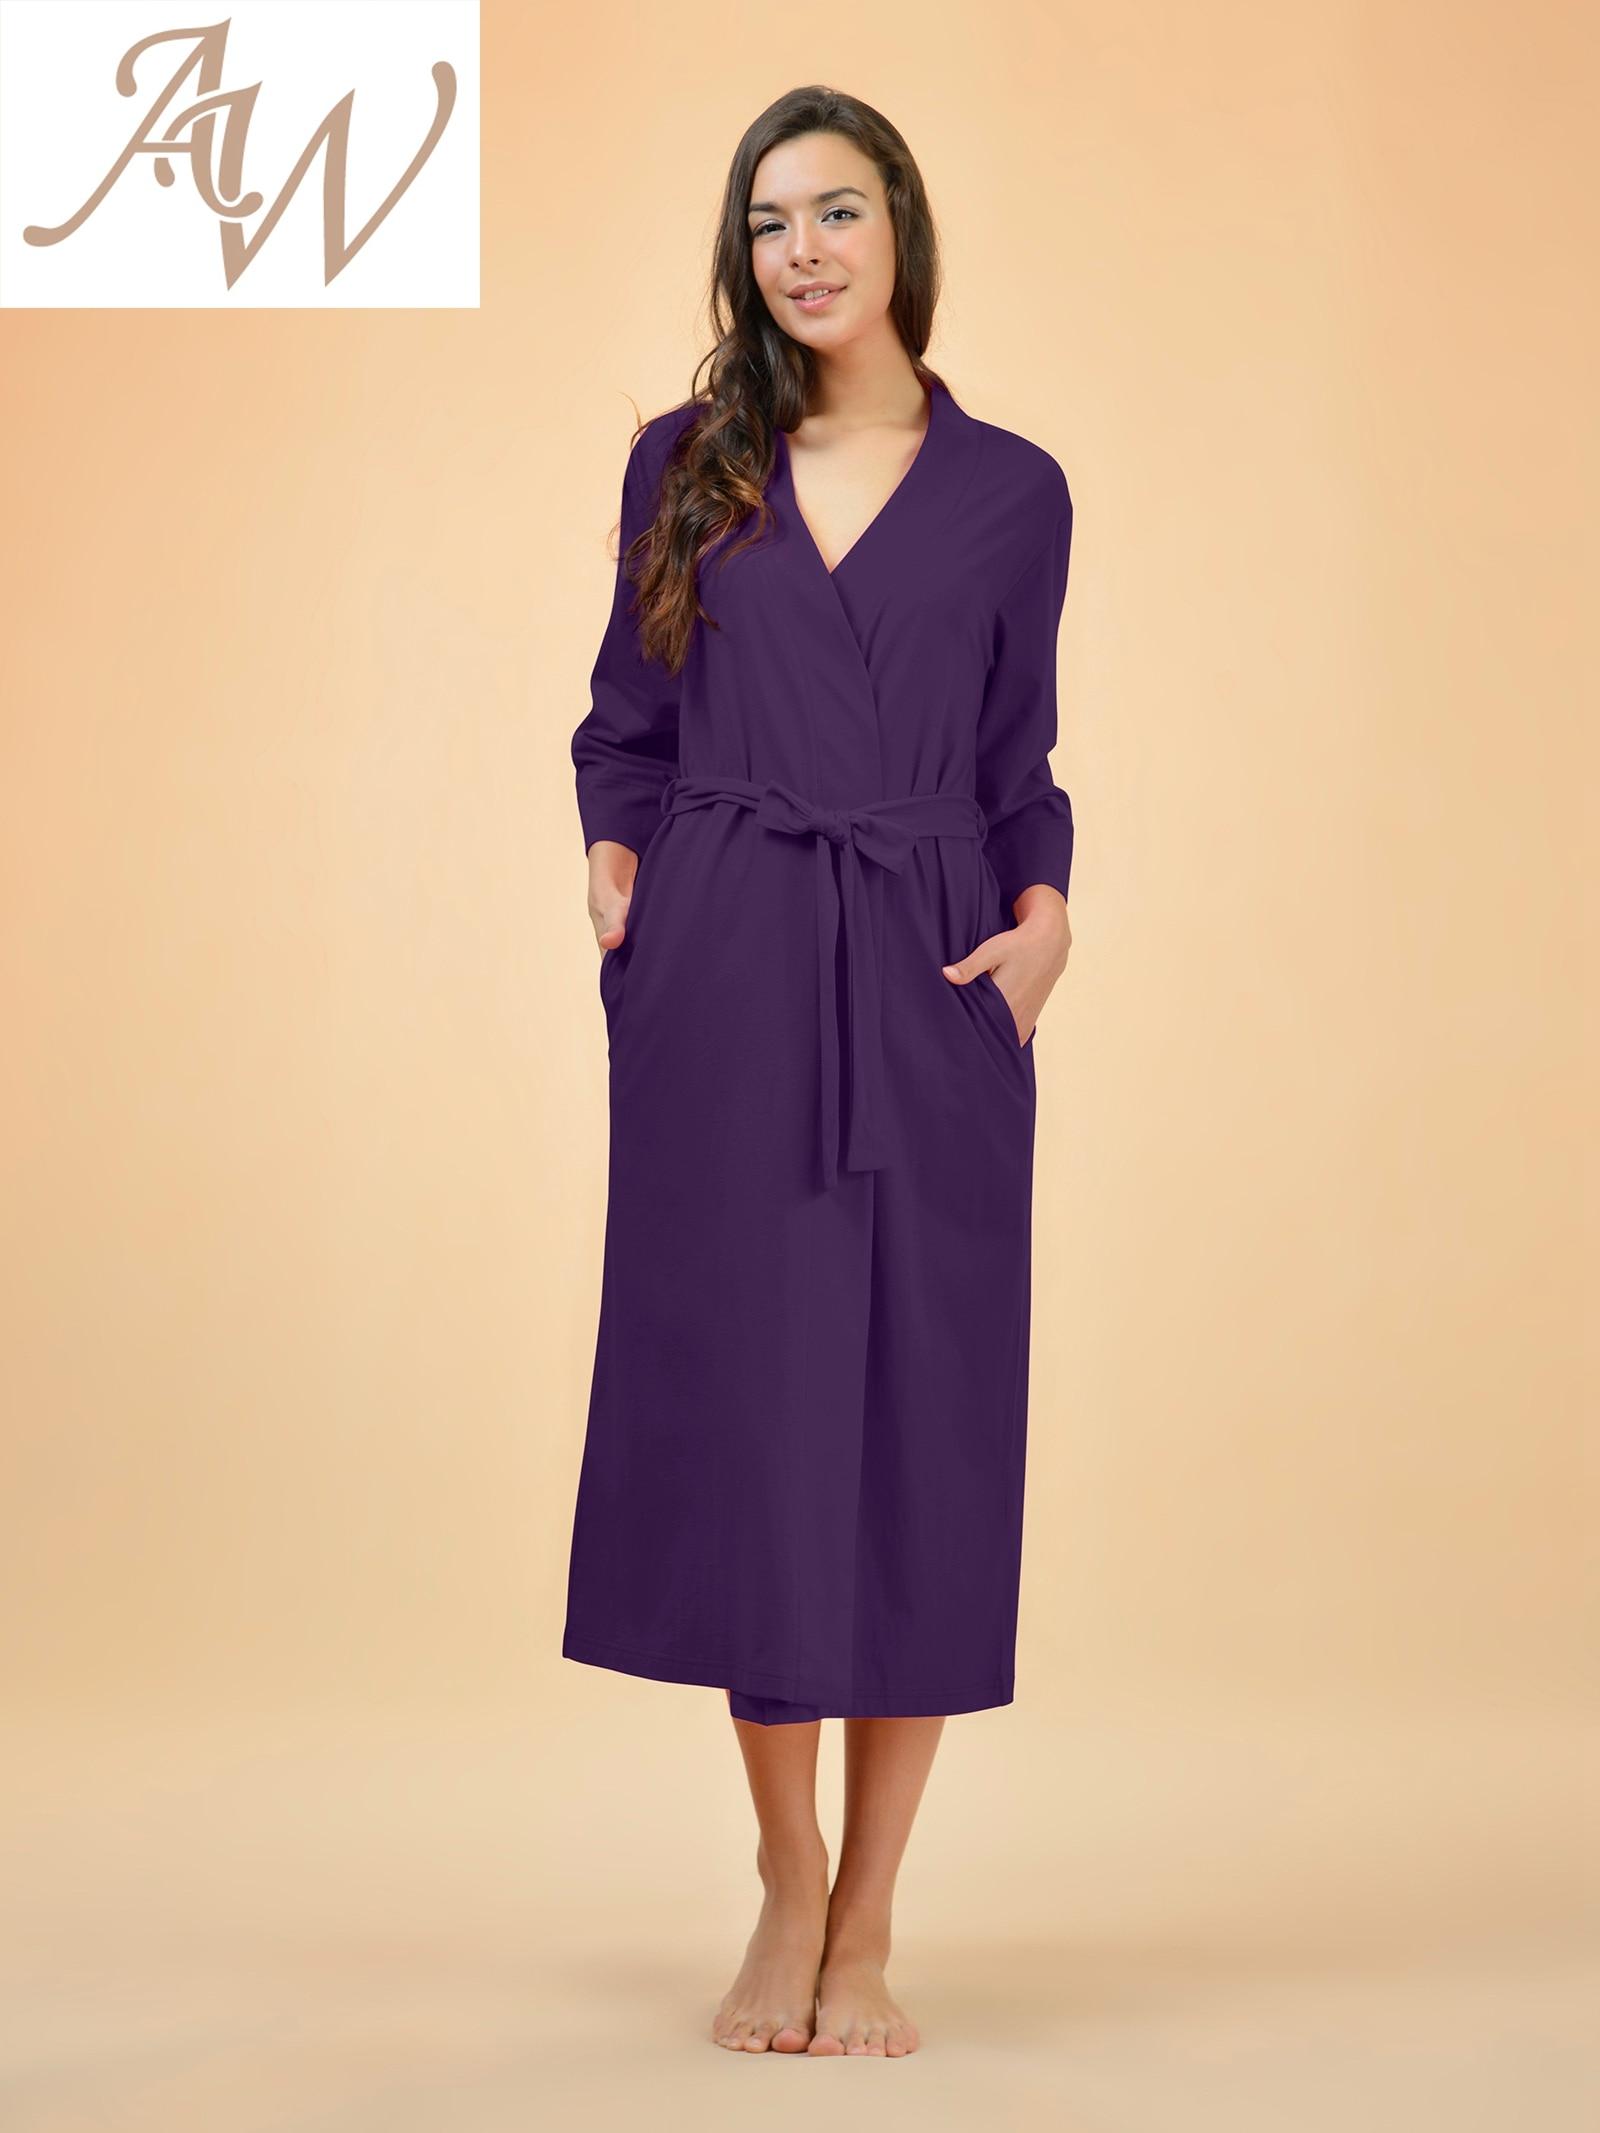 Moderno Vestidos De Dama De Color Turquesa Del Reino Unido Imagen ...